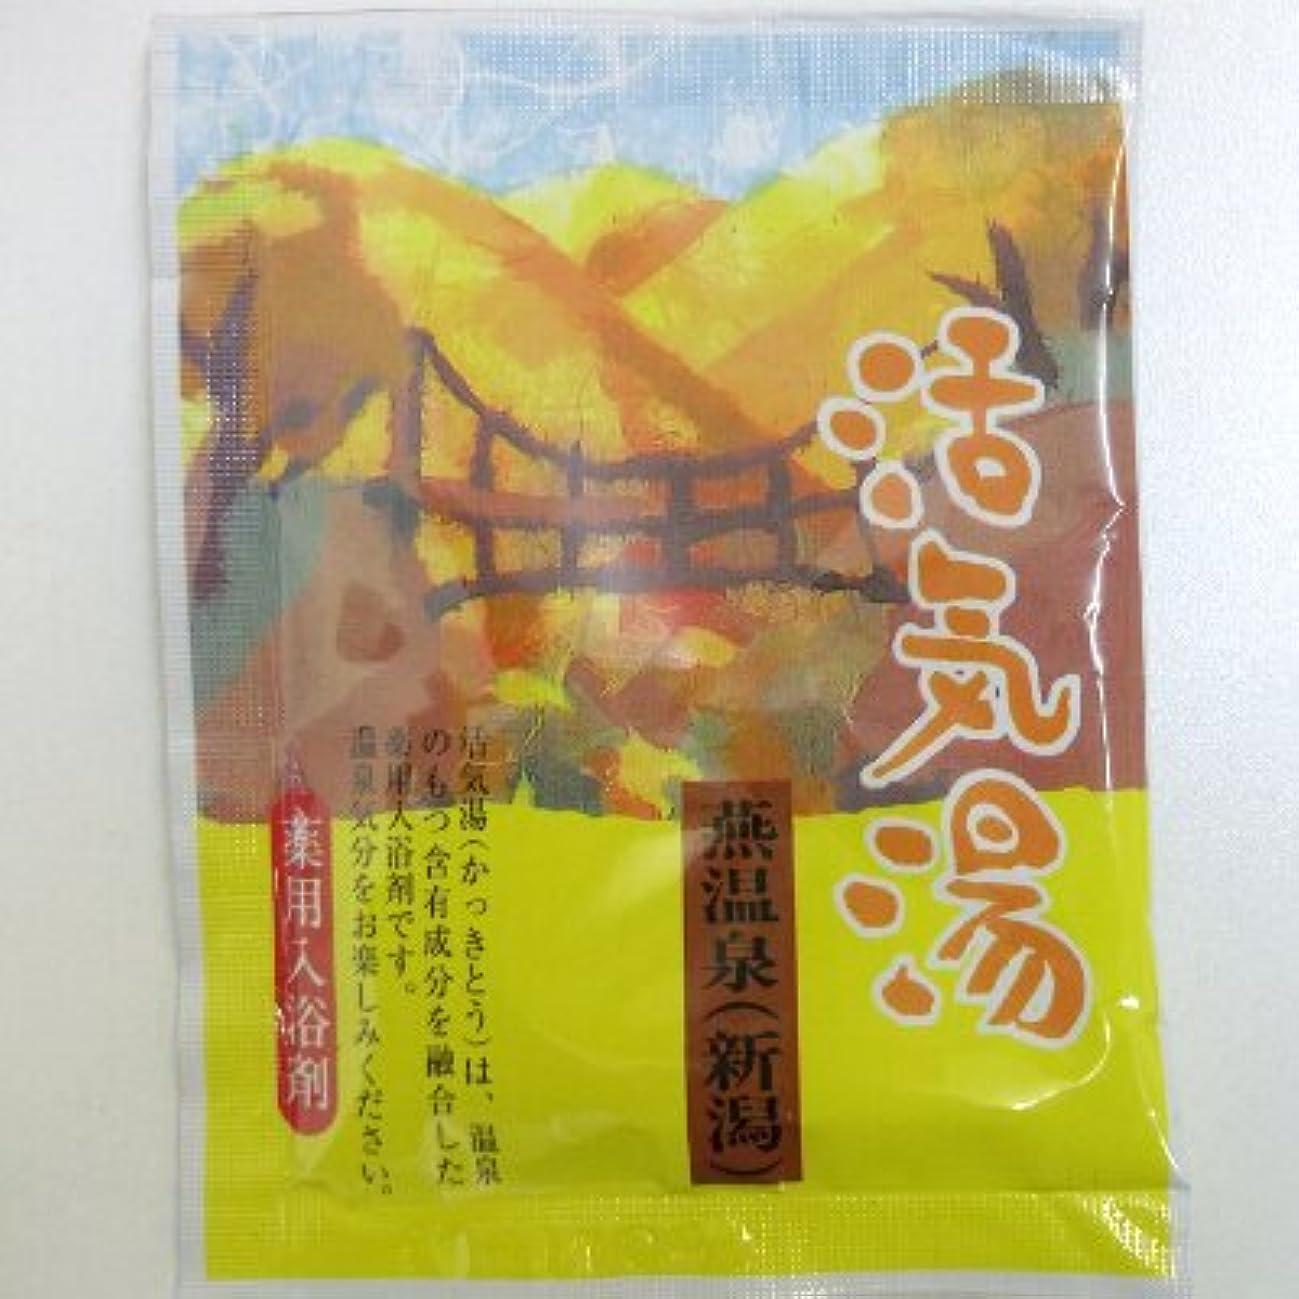 大混乱耕す議会活気湯 燕温泉(シトラス)